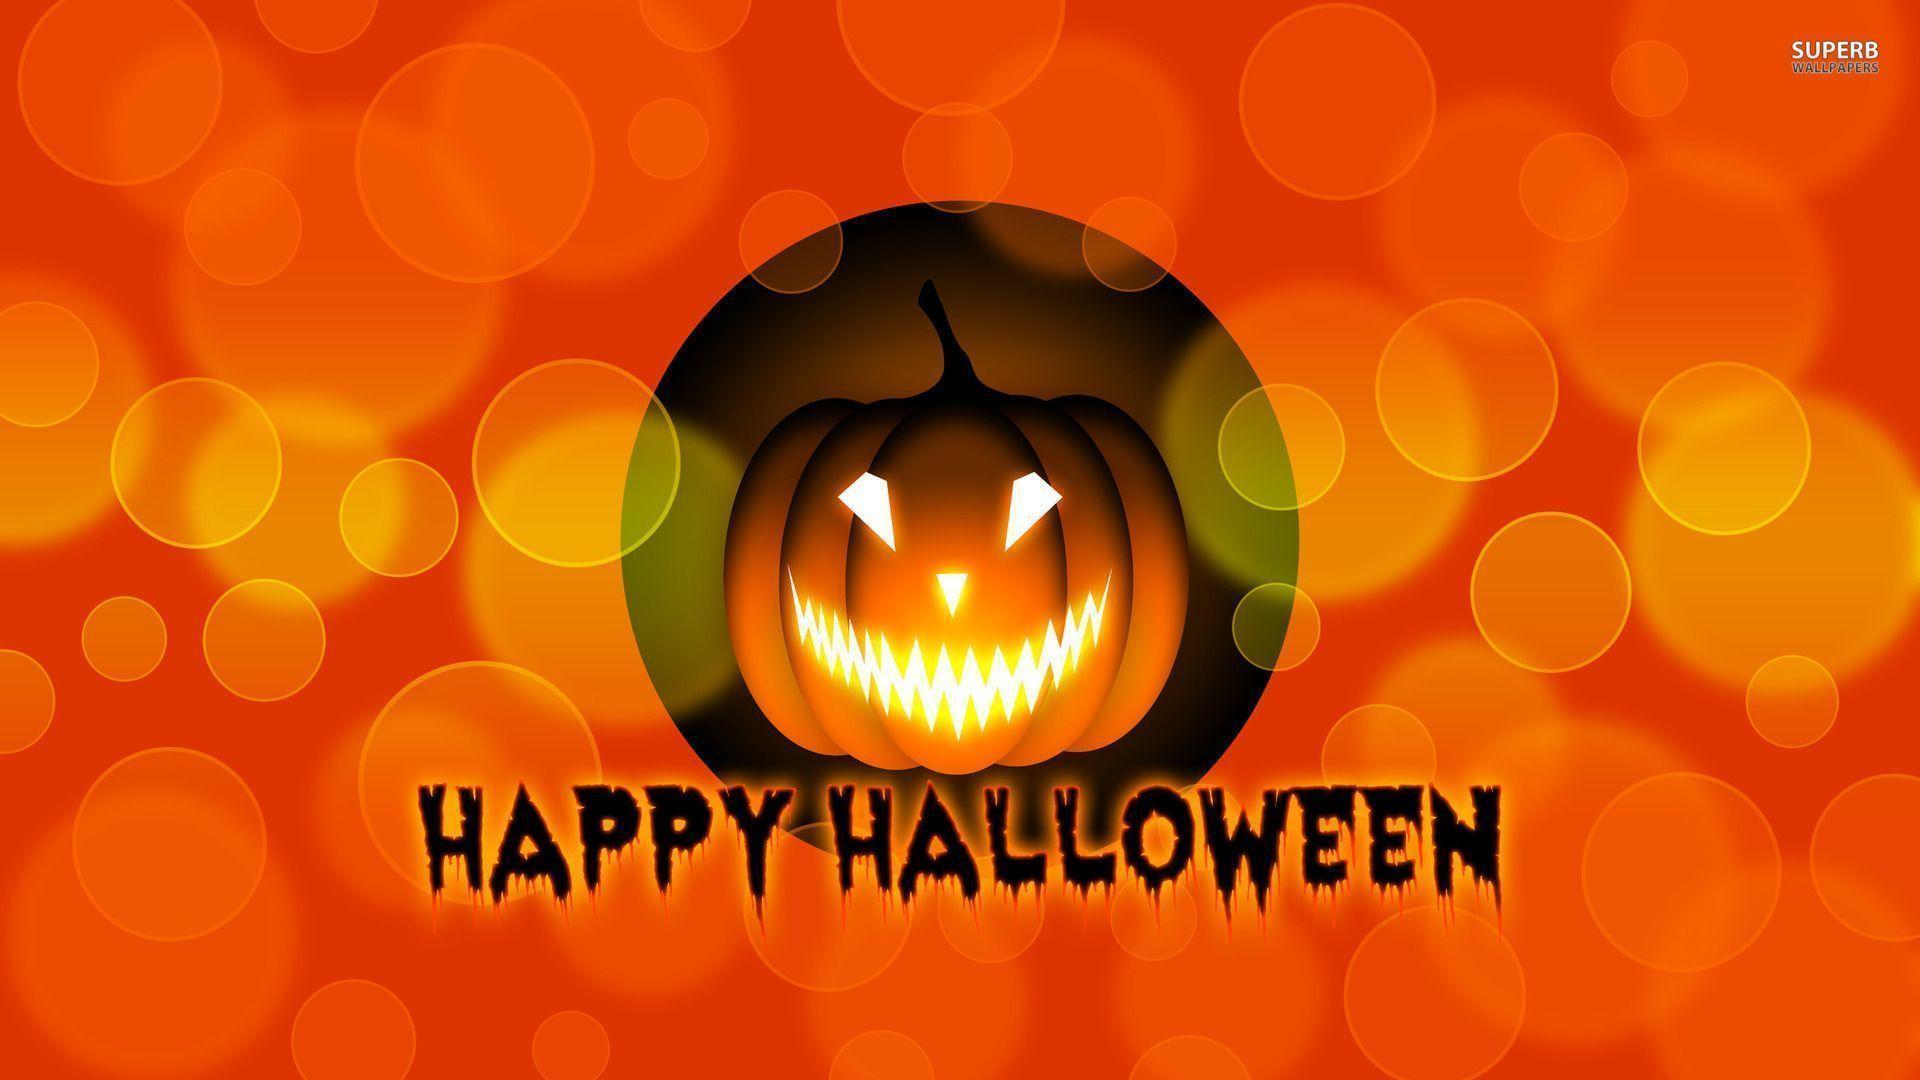 HD] Happy Halloween Wallpapers for Desktop iPhone 1920x1080